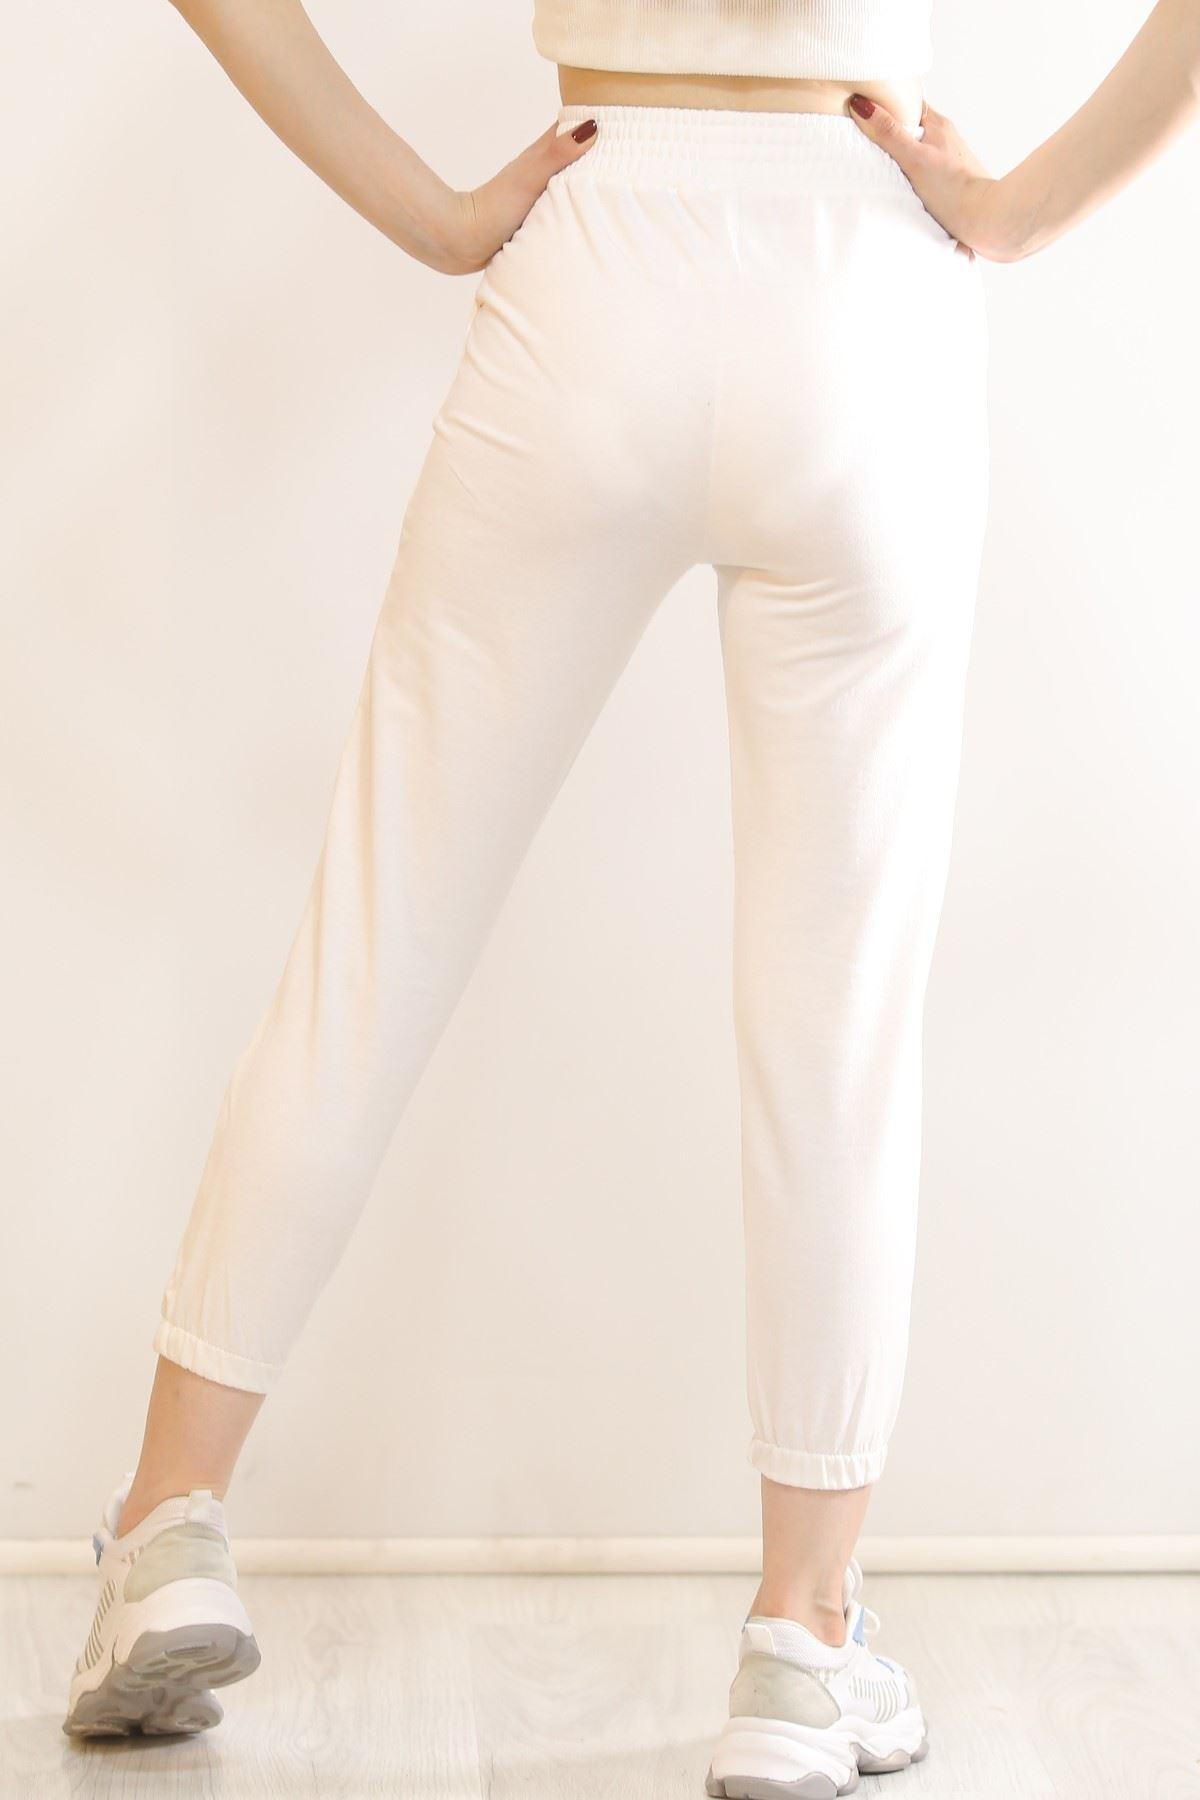 Çımalı Eşofman Altı Beyaz - 5945.102.